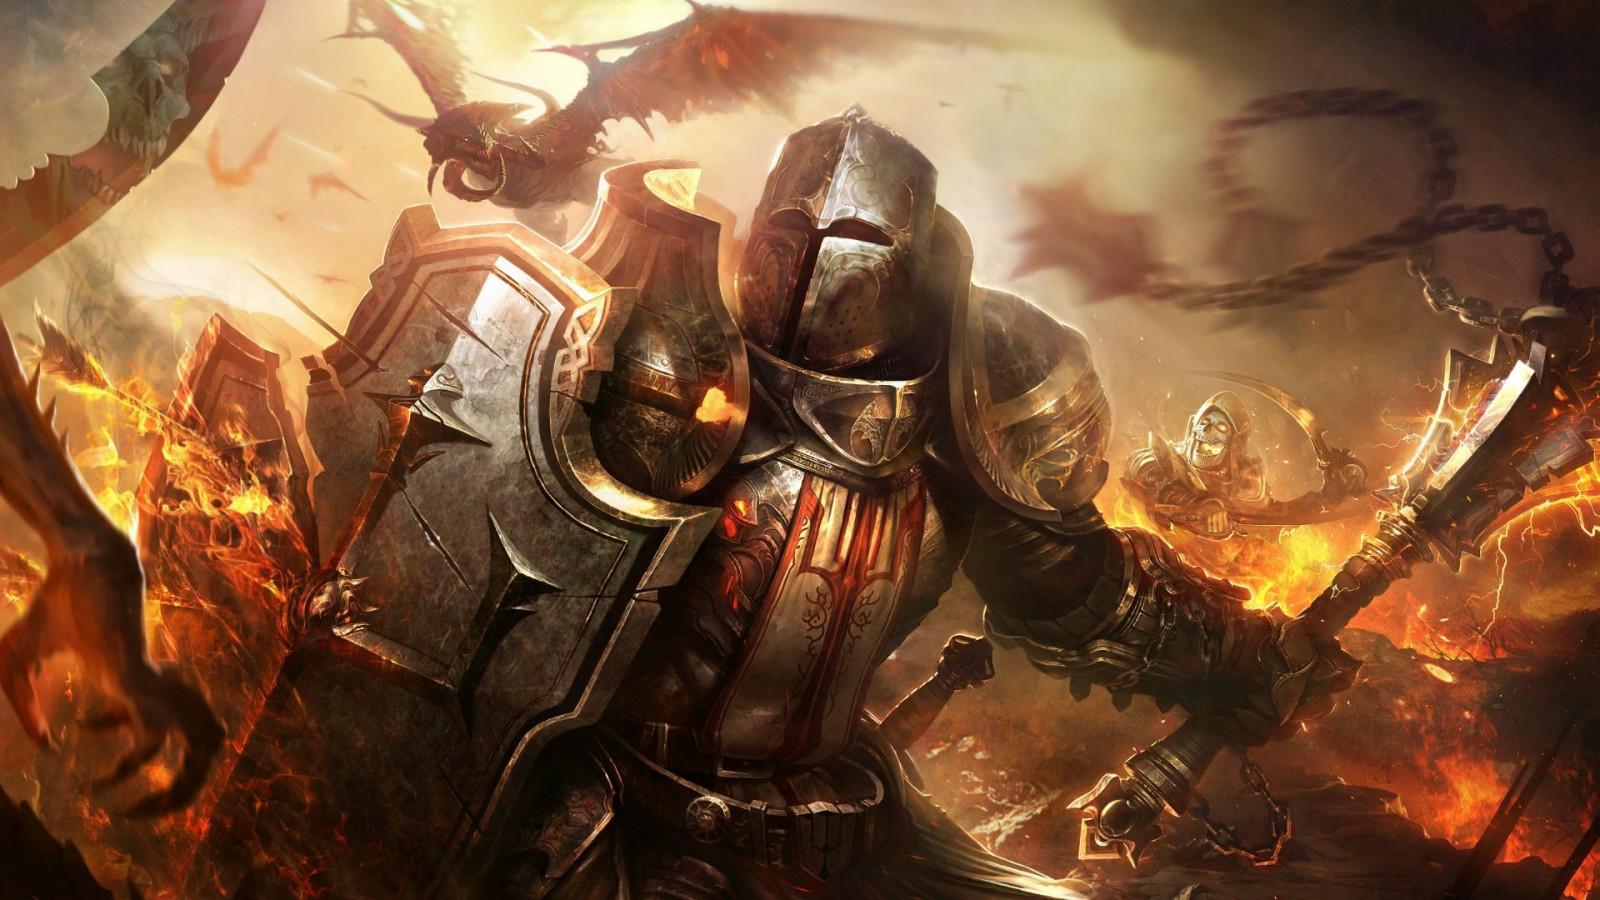 crusaders diablo 3